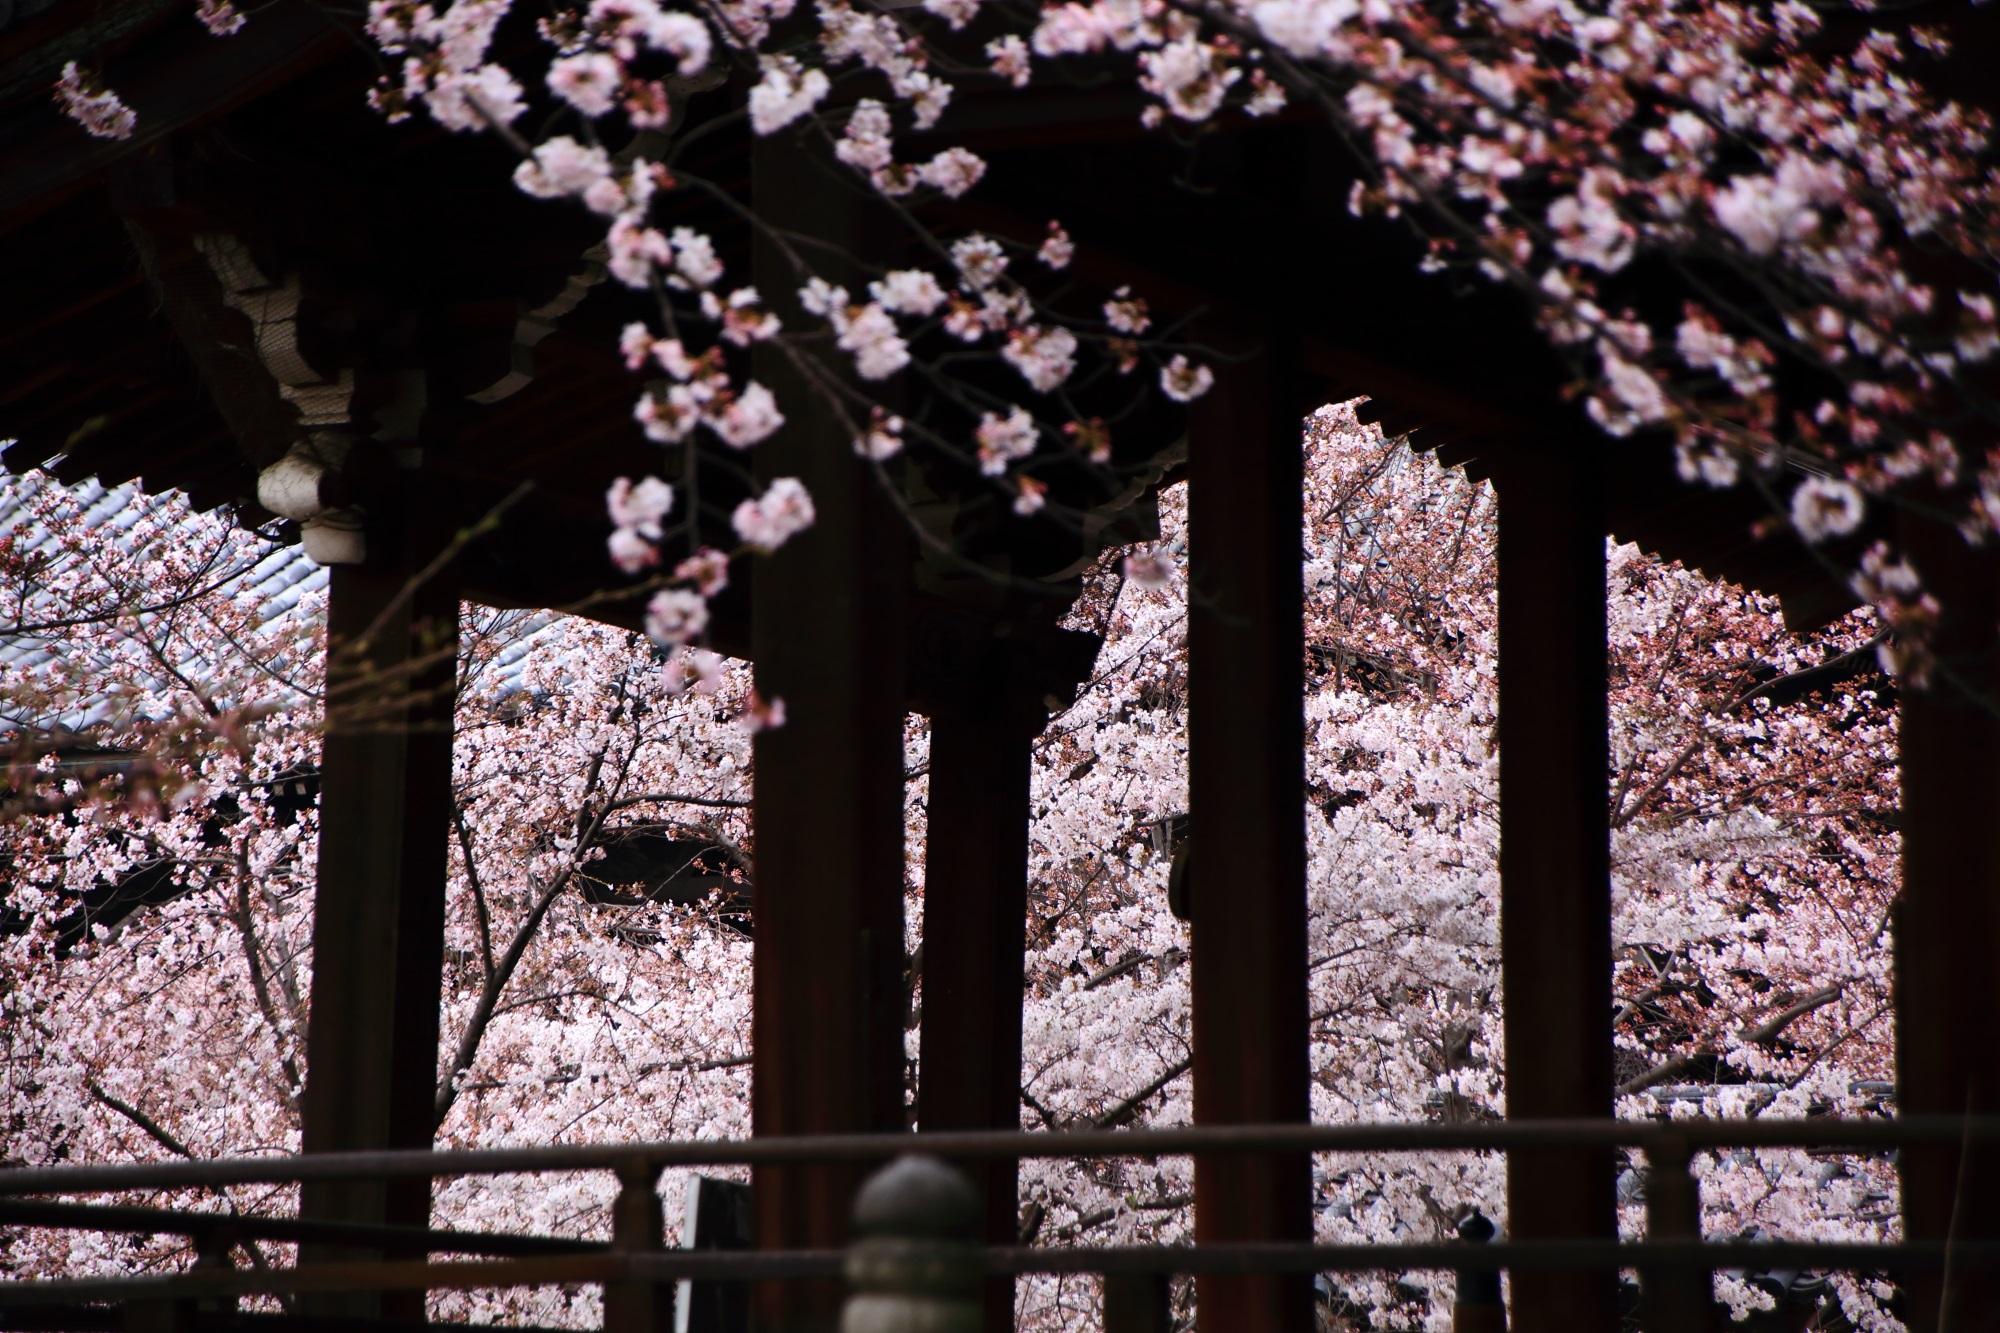 見事な春の空間が広がる刹堂の柱の間から見える桜